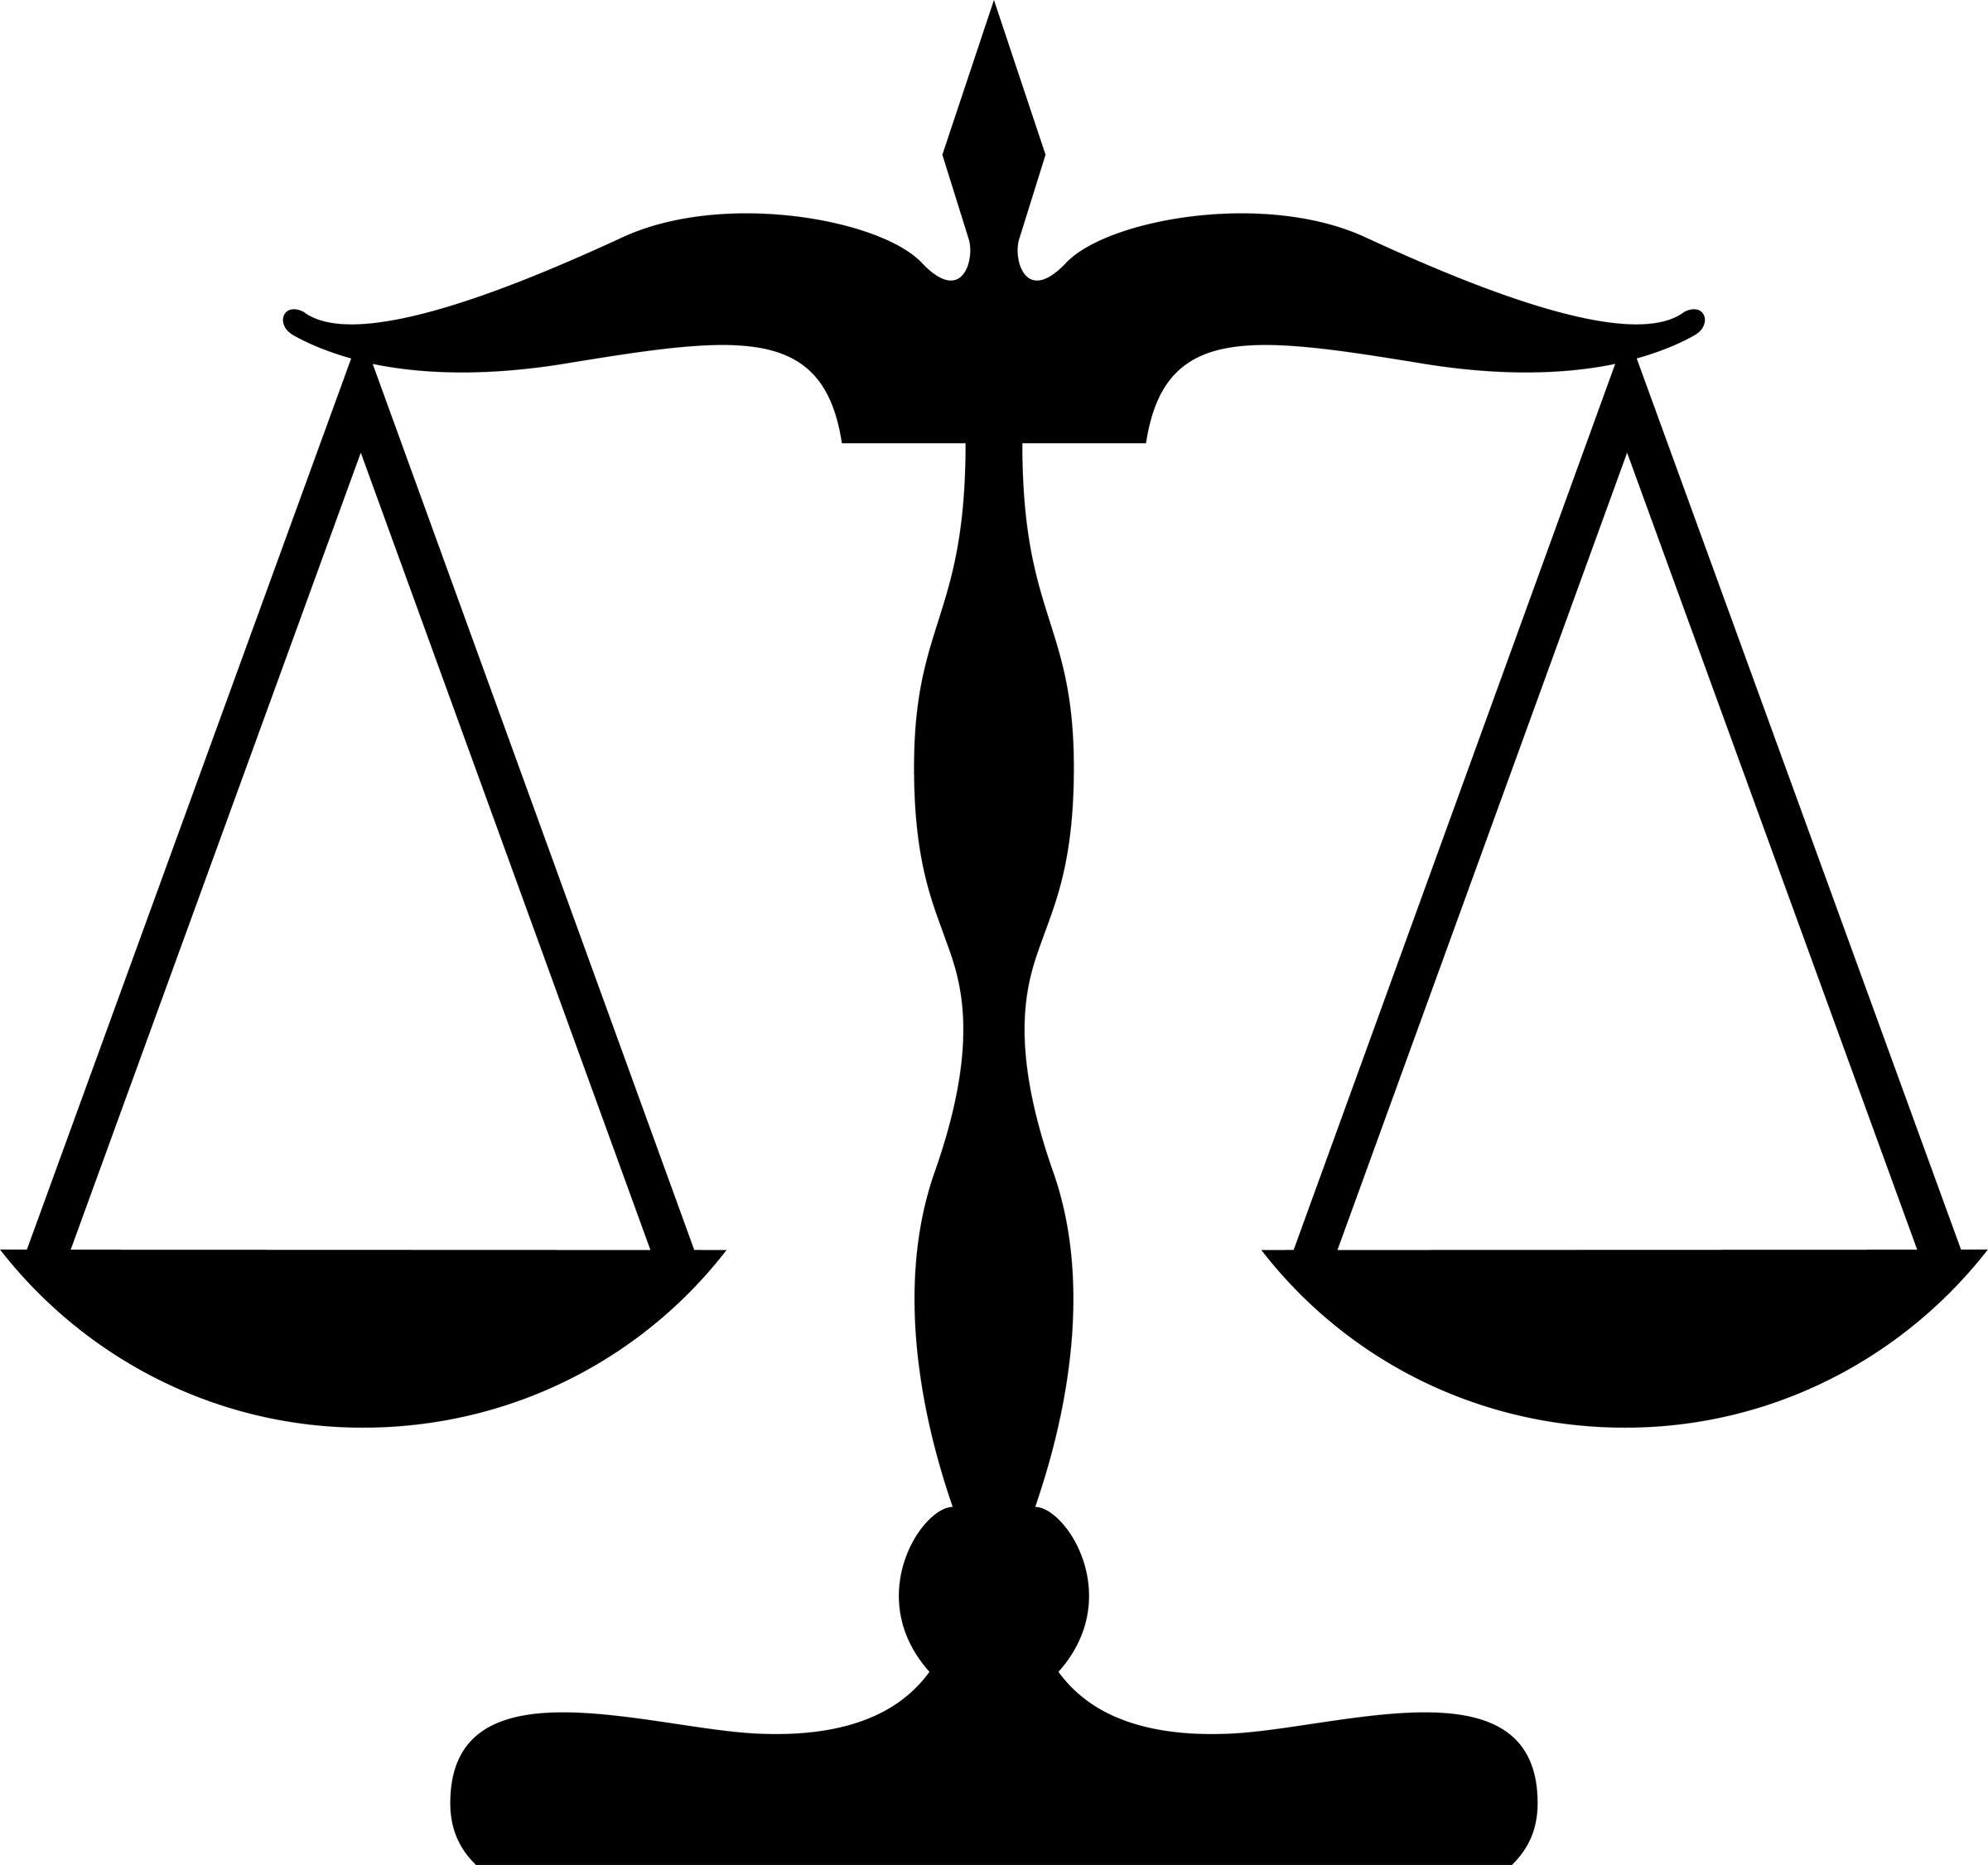 Http Kingofwallpapers Com Balance Balance 007 Jpg Balanca